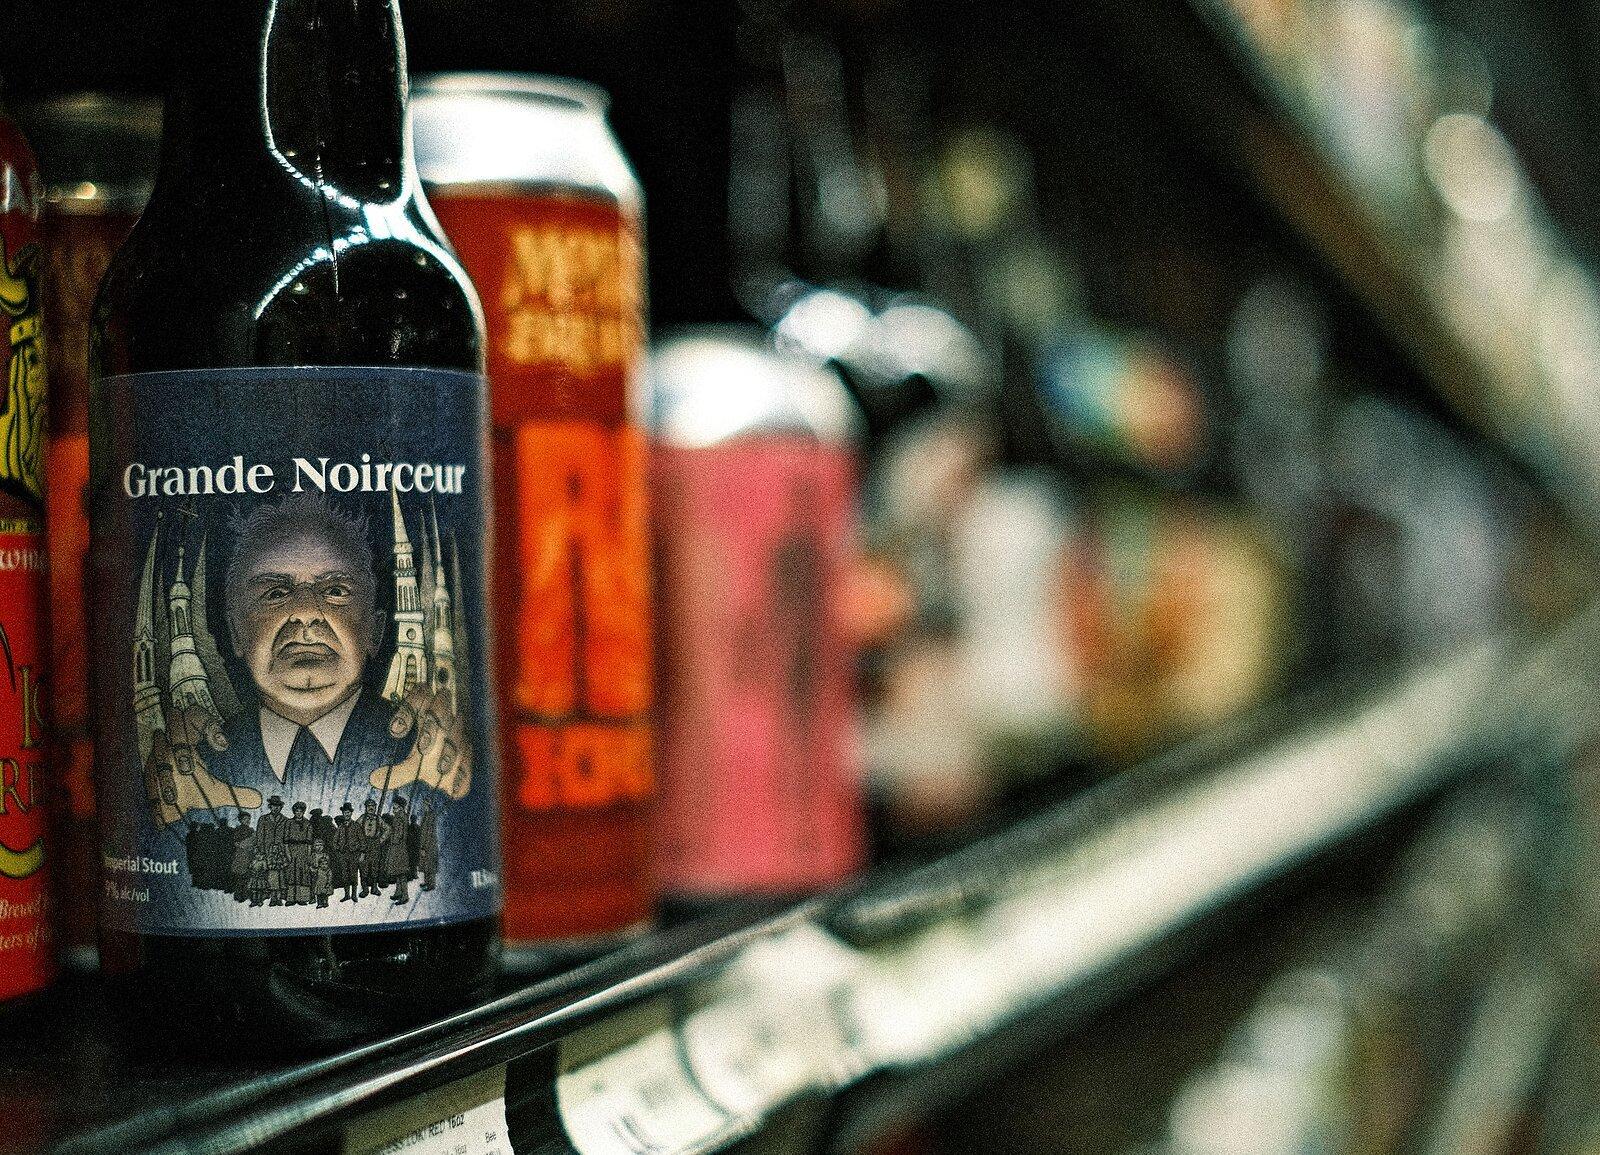 Xpro3_Jun28_21_Grande_Noirceur_beer.jpg